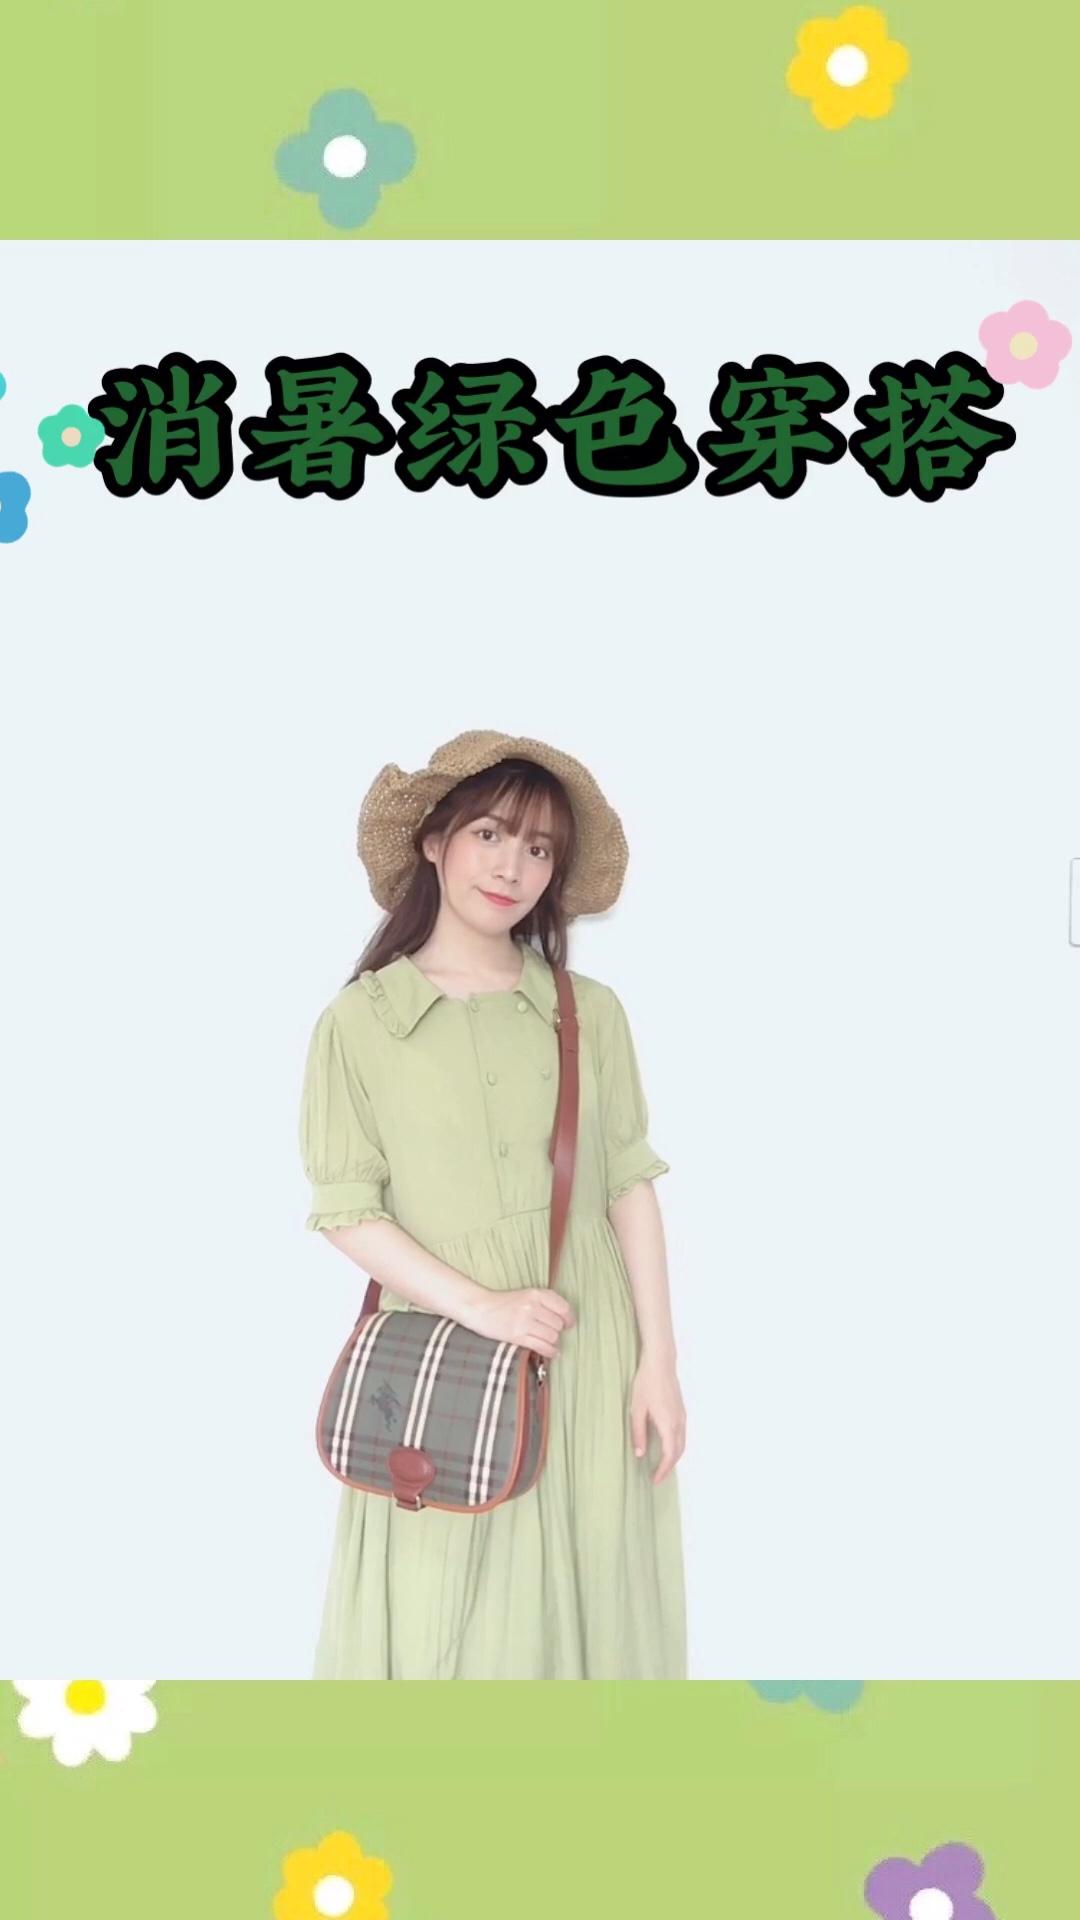 """#夏日消暑解热要靠""""绿""""# 今年夏天没有一件牛油果绿的裙裙怎么行呢,绿色清新又降温。怪不得这么多人都爱穿呢!这件小裙子亲测小个子也可以放心穿,又温柔又淑女呢"""